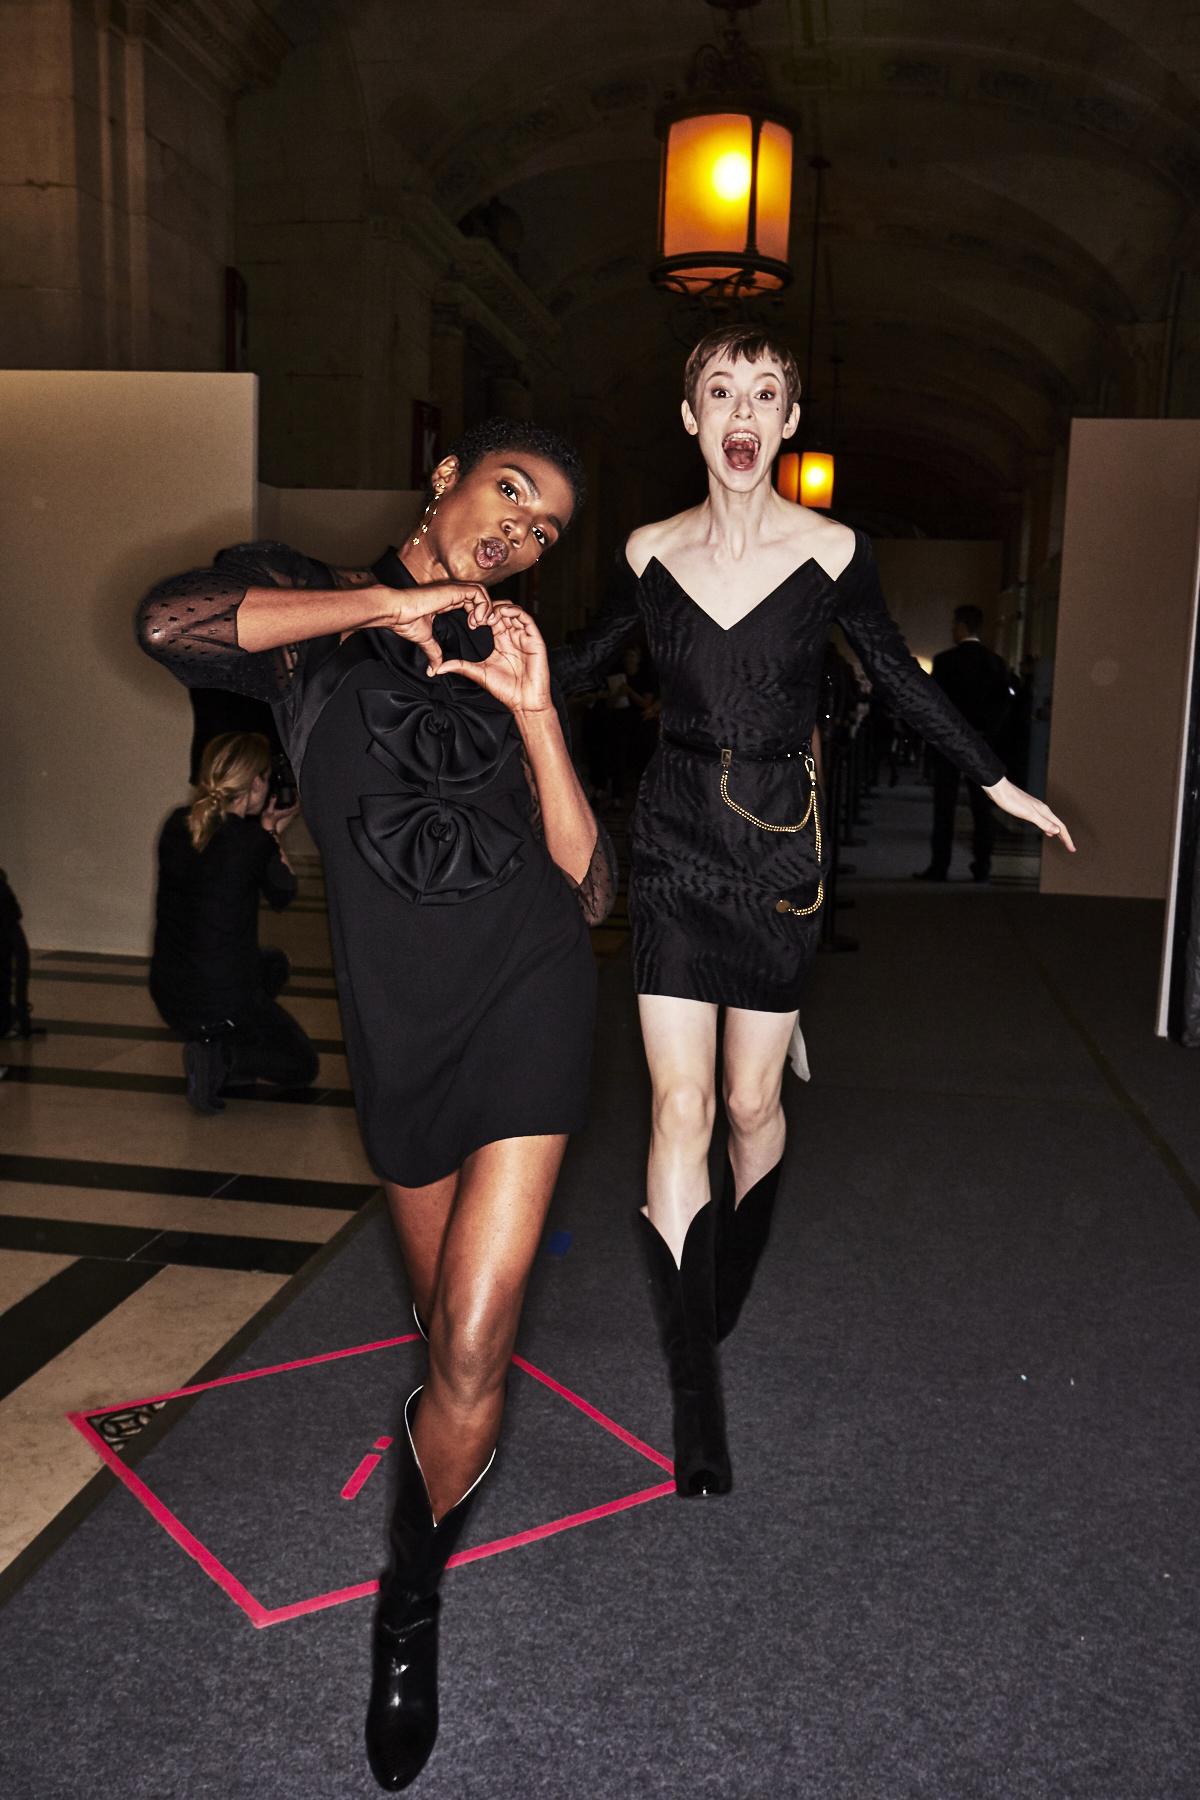 Auf dem Foto sind zwei Models im Backstage-Bereich der ersten Modenschau von Designerin Claire Waight Keller für das Modehaus Givenchy in Paris zu sehen. Es handelt sich um die Präsentation der F/S 2018 Kollektion. Beide Models tragen schwarze kurze Kleider. Dazu kombinieren sie Cowboystiefel.